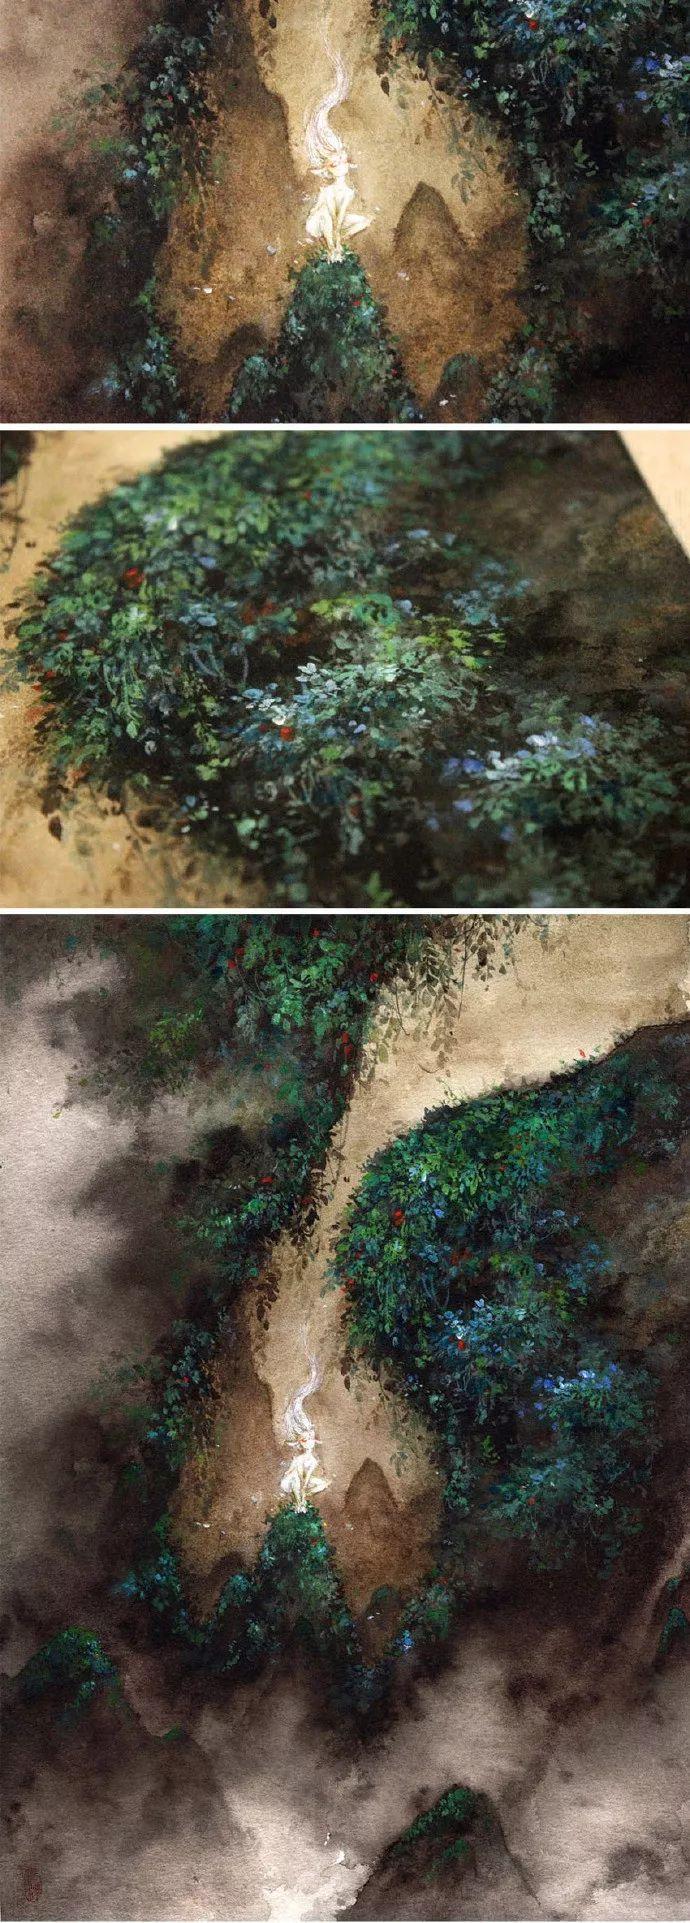 90后画师杉泽:一支画笔,号令百鬼,颠倒众生